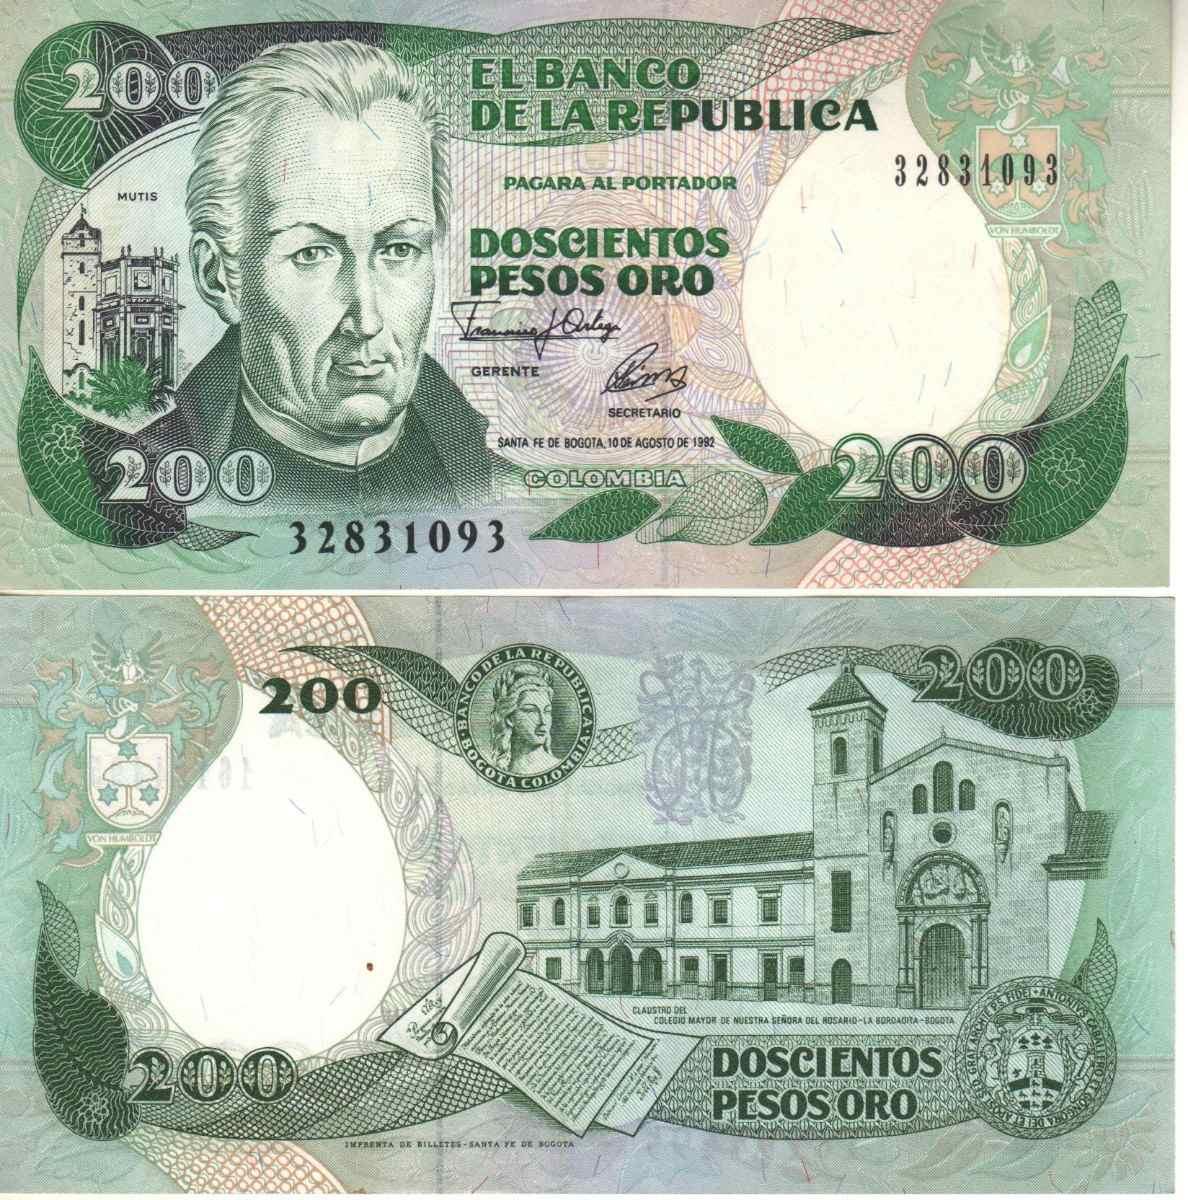 Billetes de Doscientos Pesos Colombia Billete de 200 Pesos